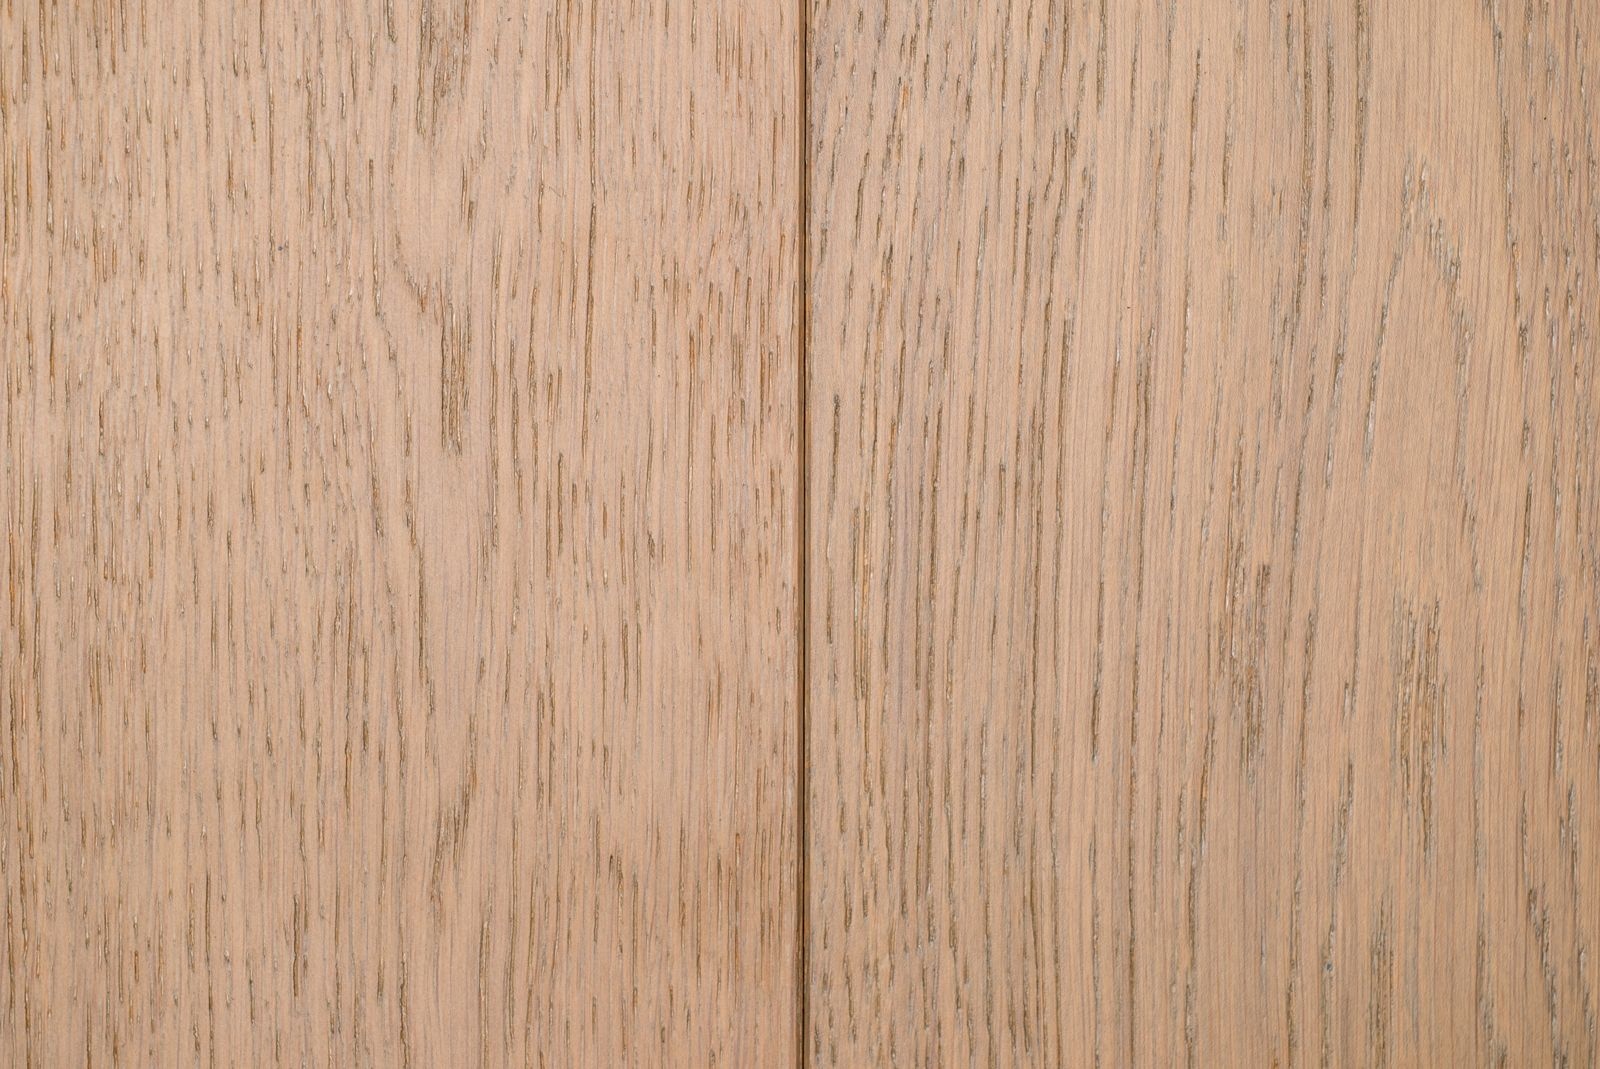 Houten vloerdelen super goedkoop kopen hout en planken